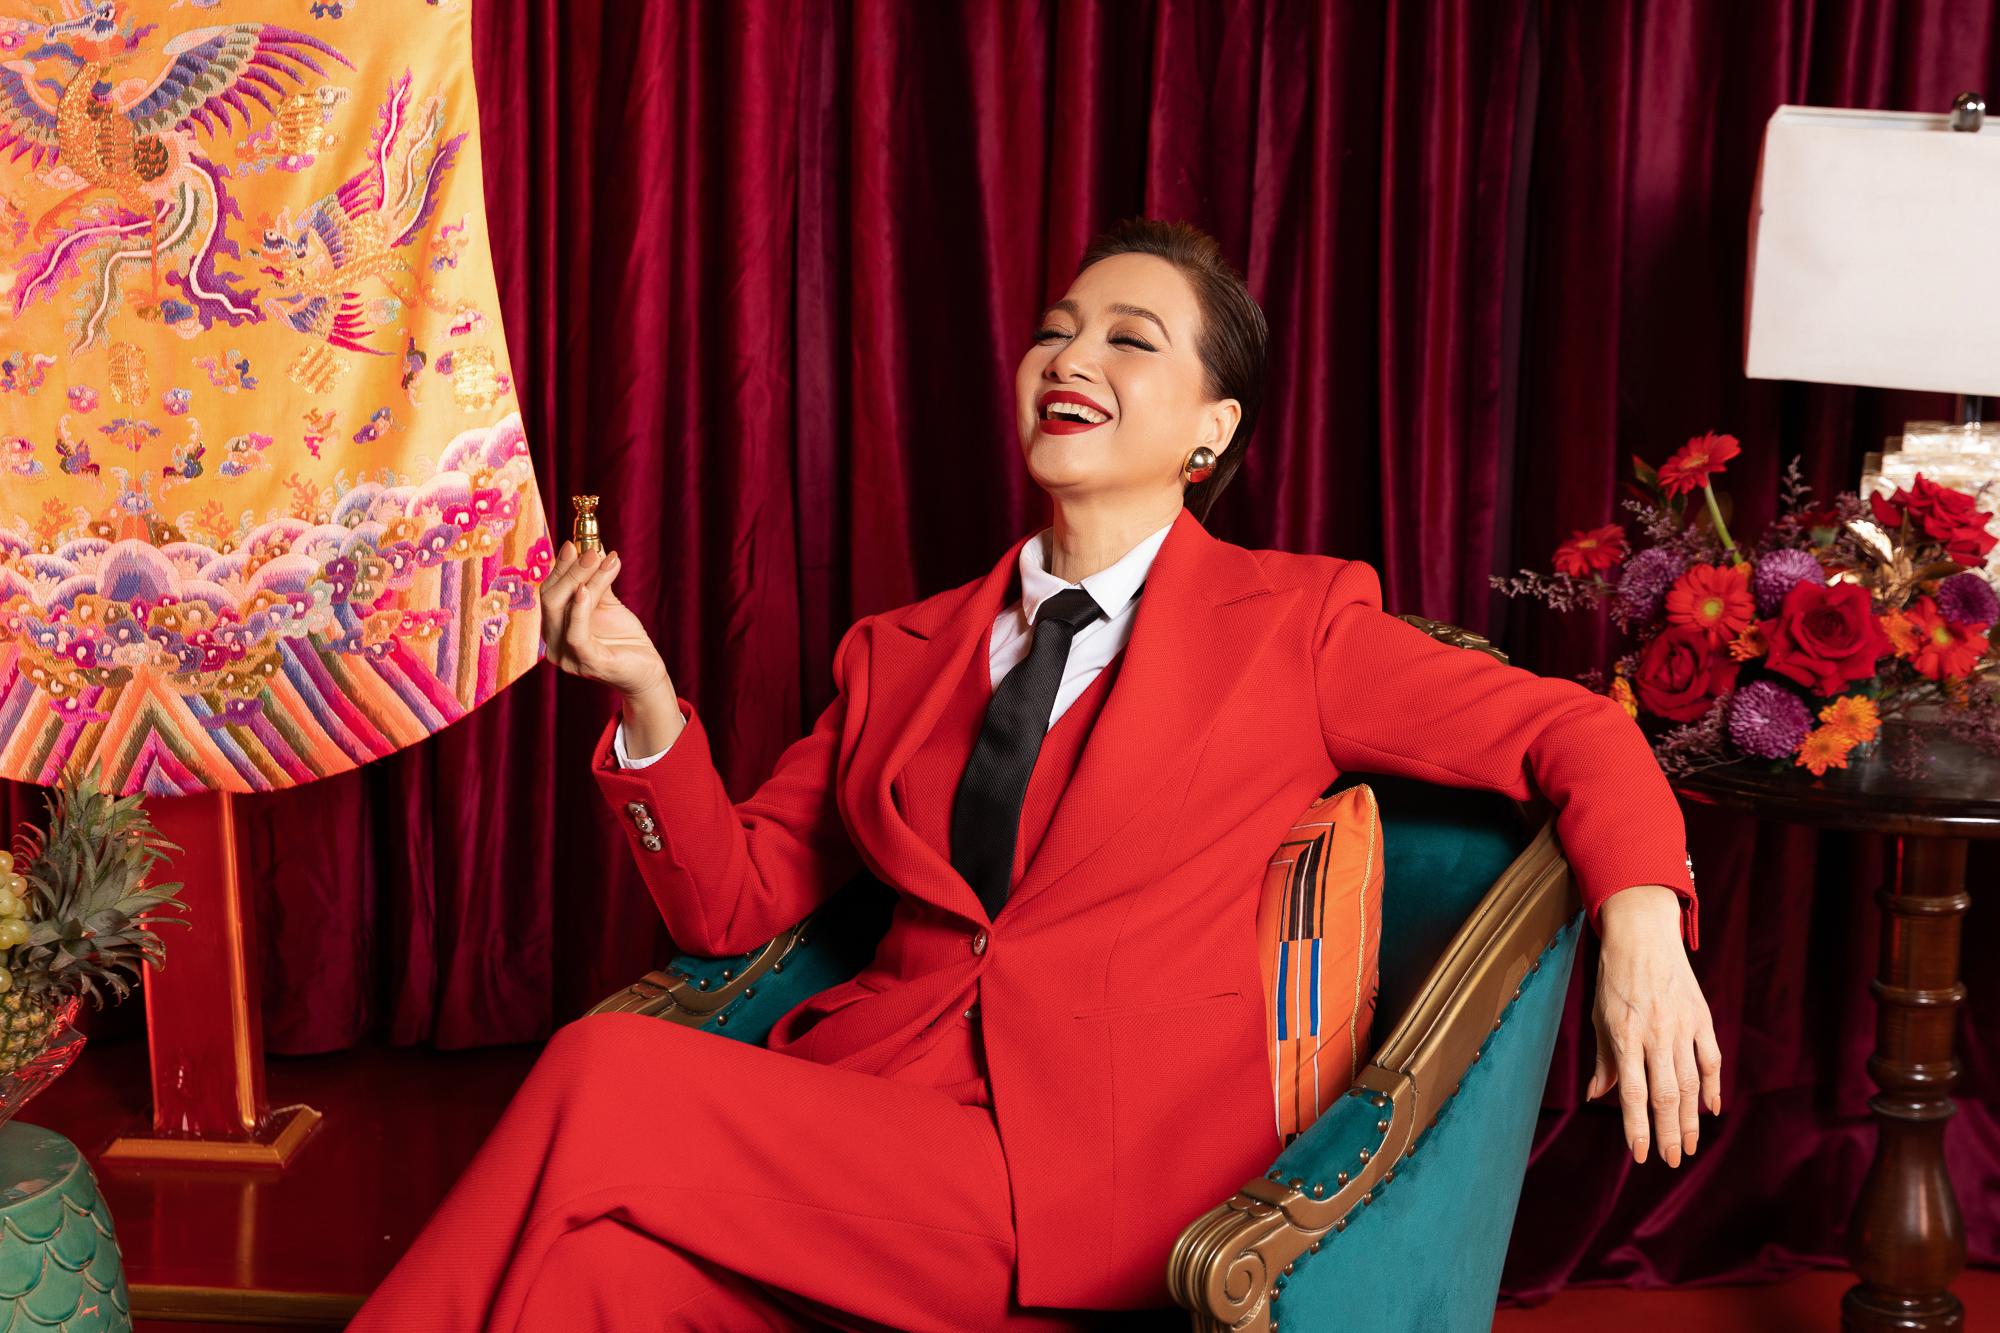 Dàn sao Gái già lắm chiêu V rạng rỡ trên thảm đỏ World Premiere